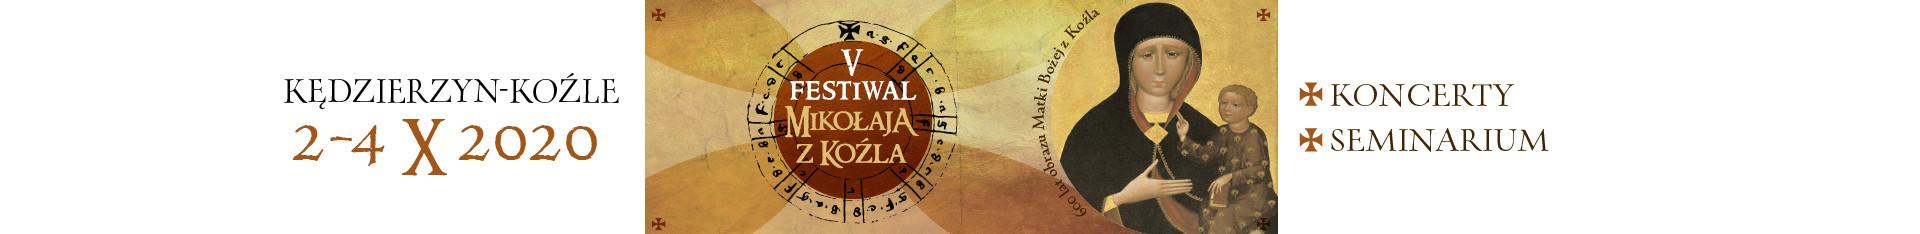 V Festiwal Mikołaja z Koźla - 2 - 4 października 2020 roku